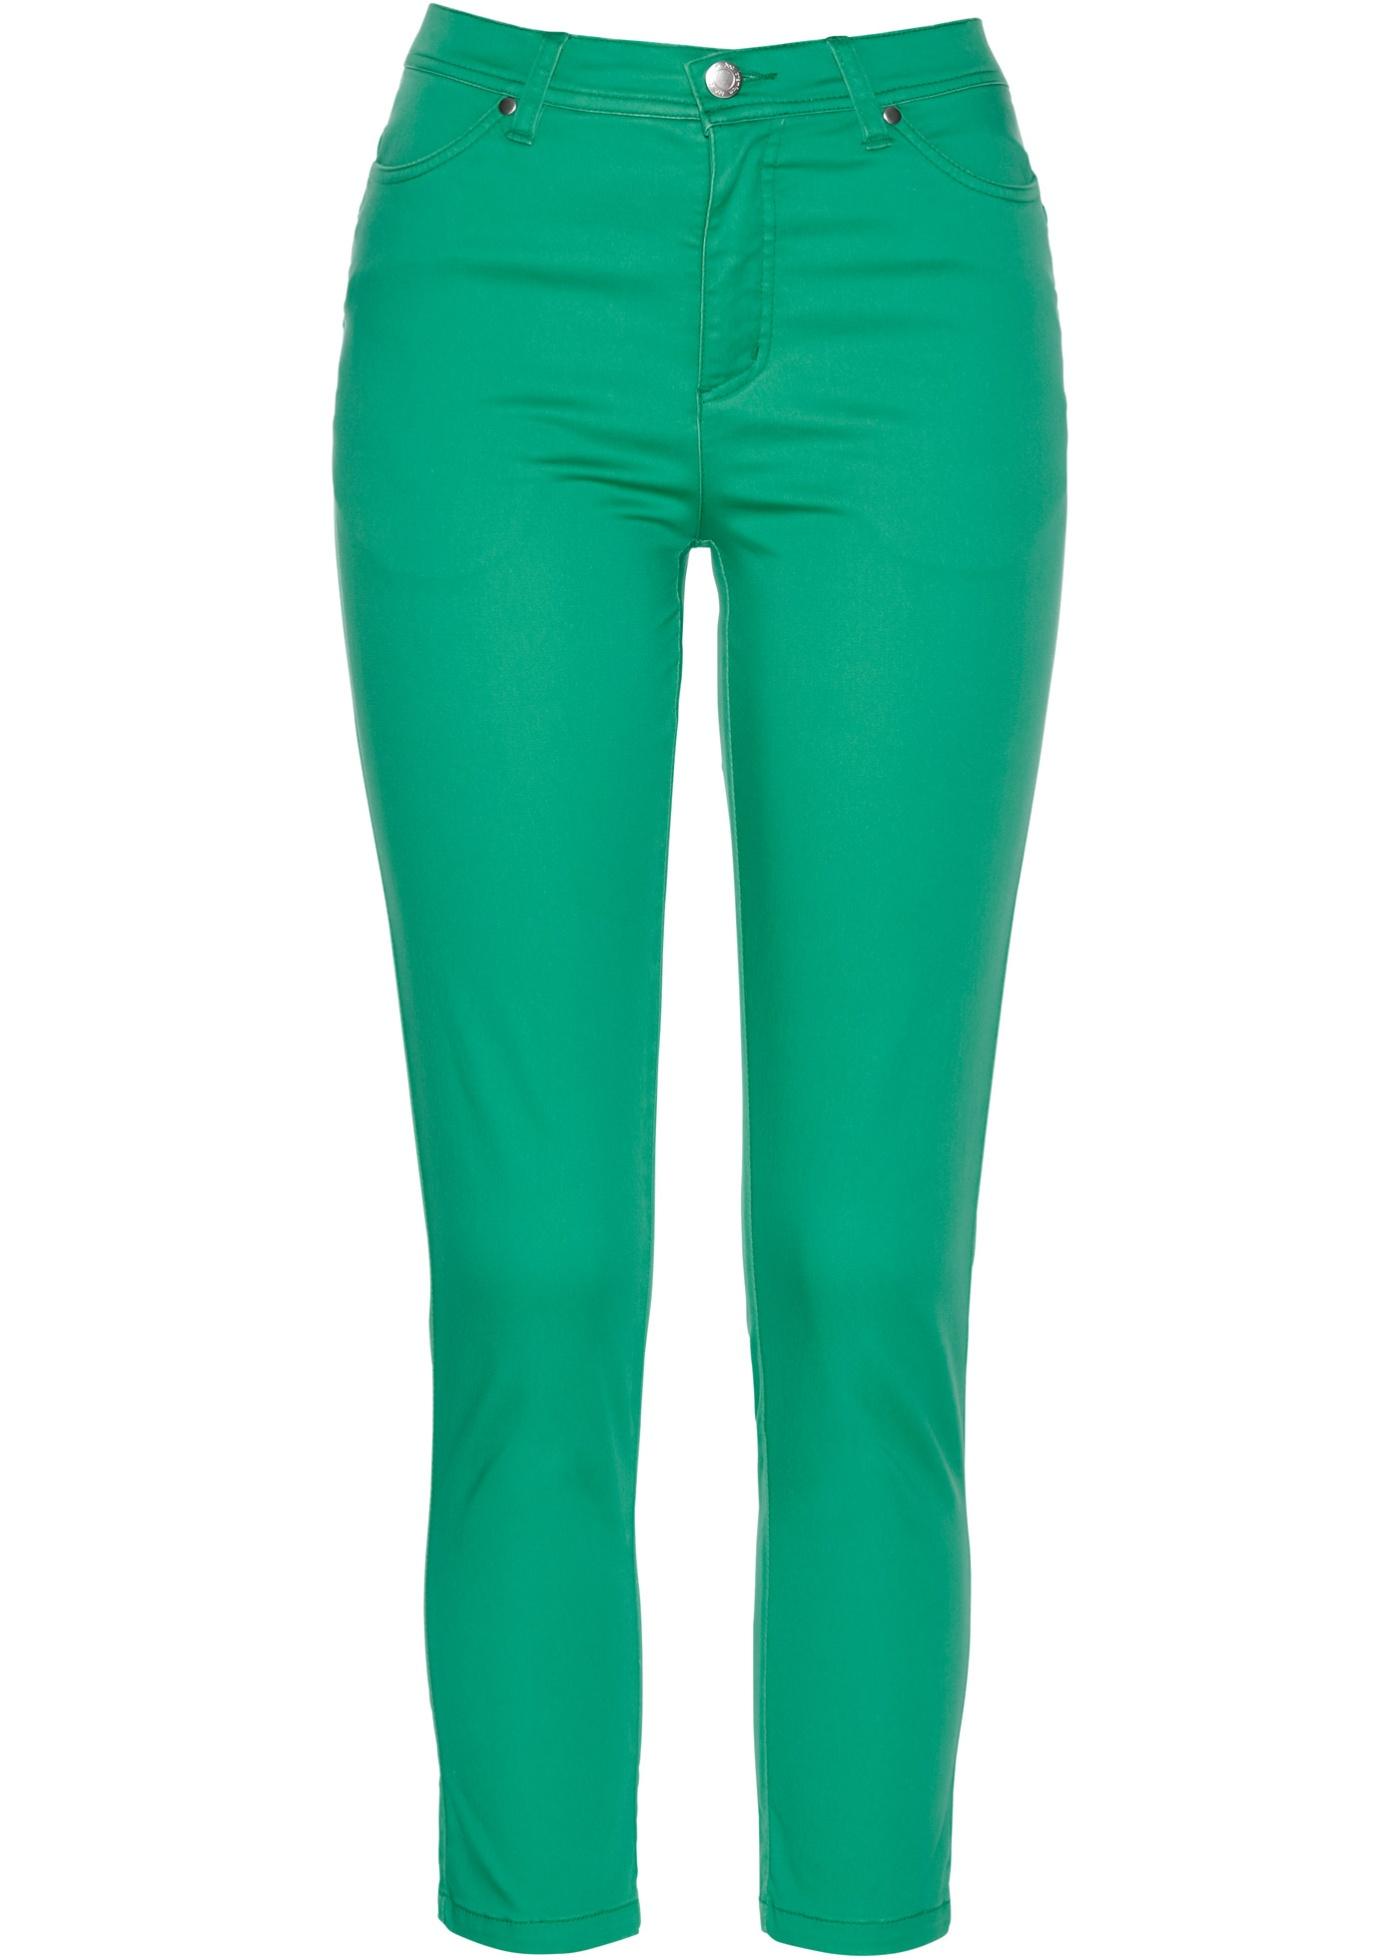 BonprixPantalon Pour Selection Bpc Confort Extensible Femme Premium Vert 34jRqc5AL